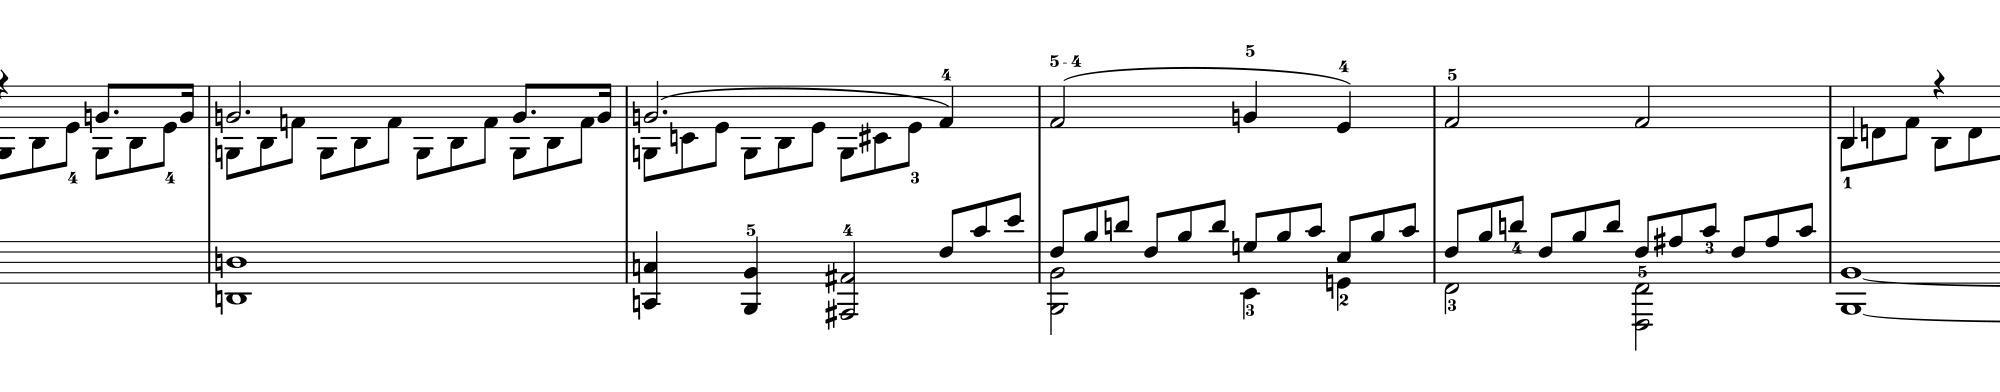 Part_2_150